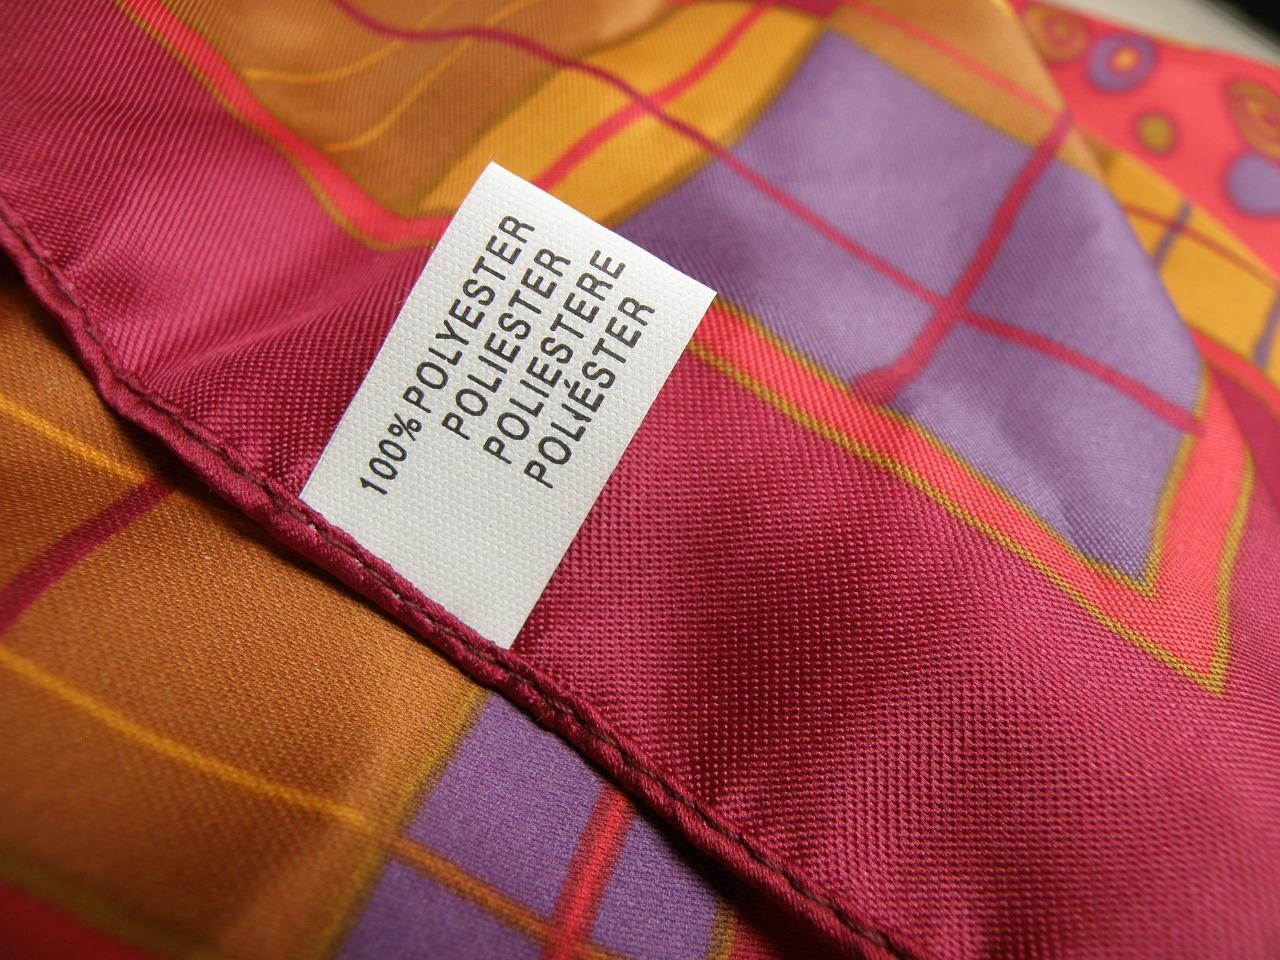 Tuch aus Polyester